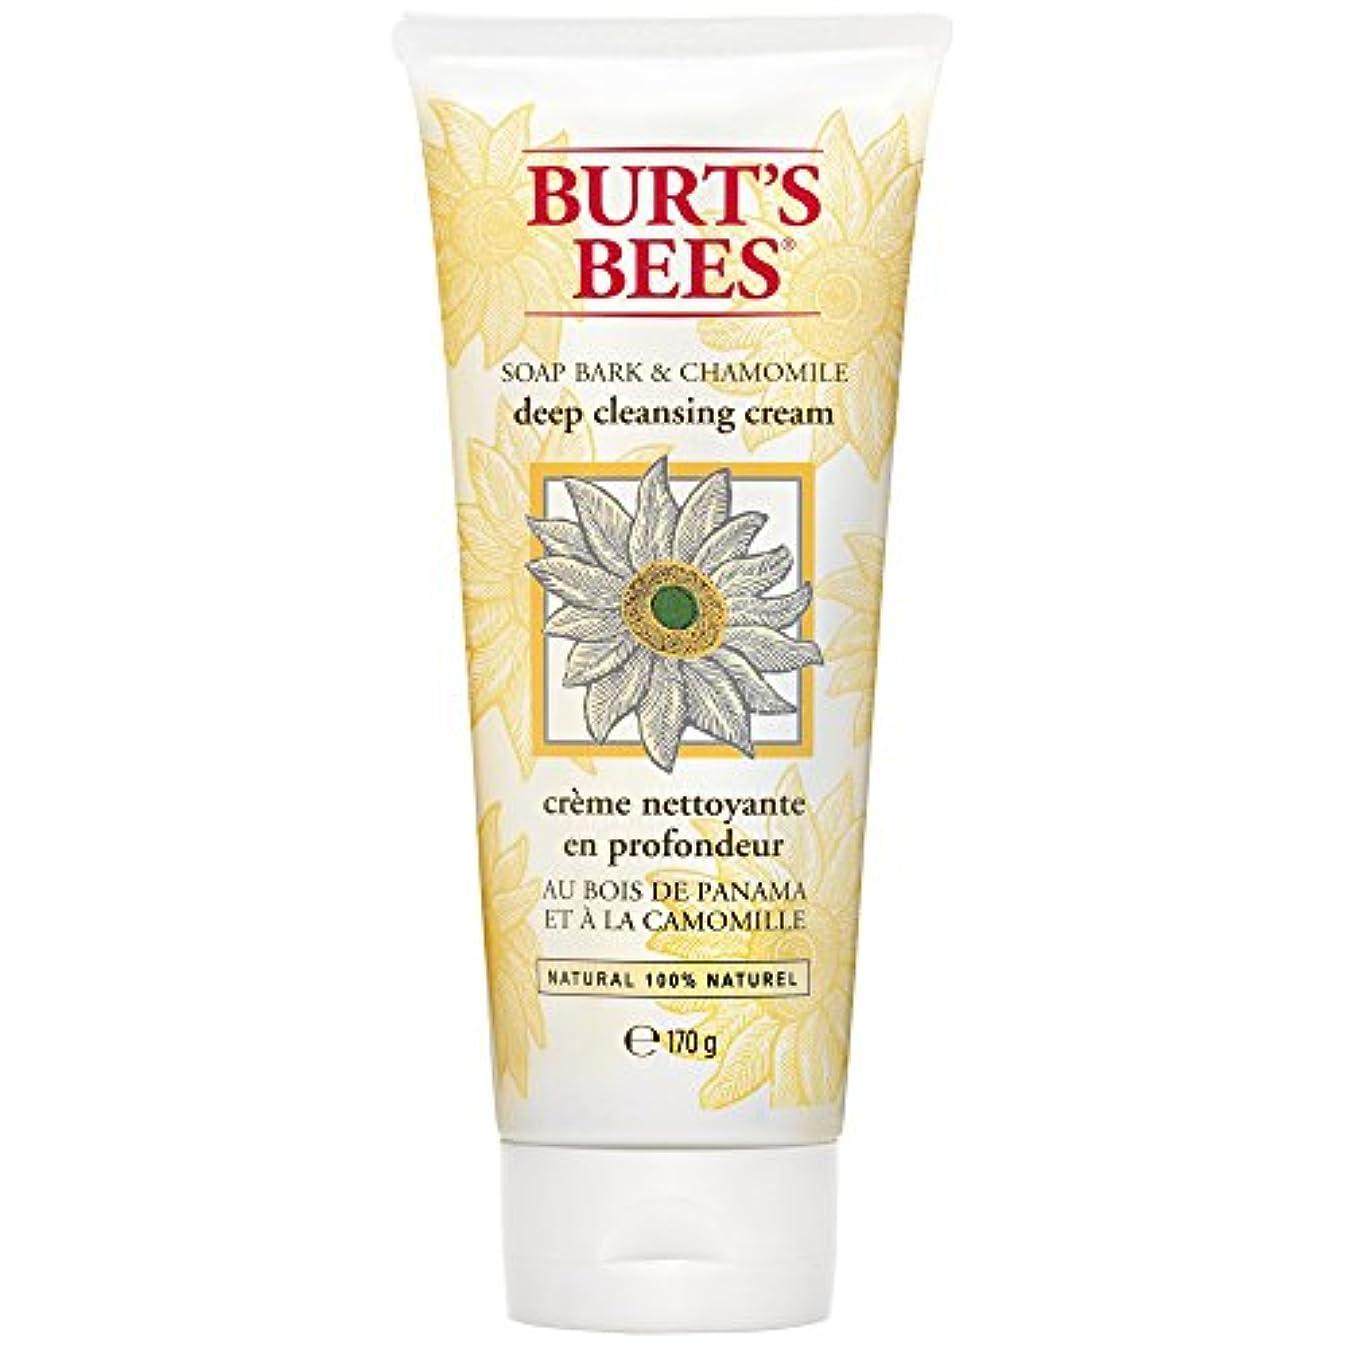 自分の力ですべてをするペイン不利バートのBees?ソープバーク??&カモミールディープクレンジングクリーム170グラム (Burt's Bees) - Burt's Bees? Soap Bark & Chamomile Deep Cleansing...